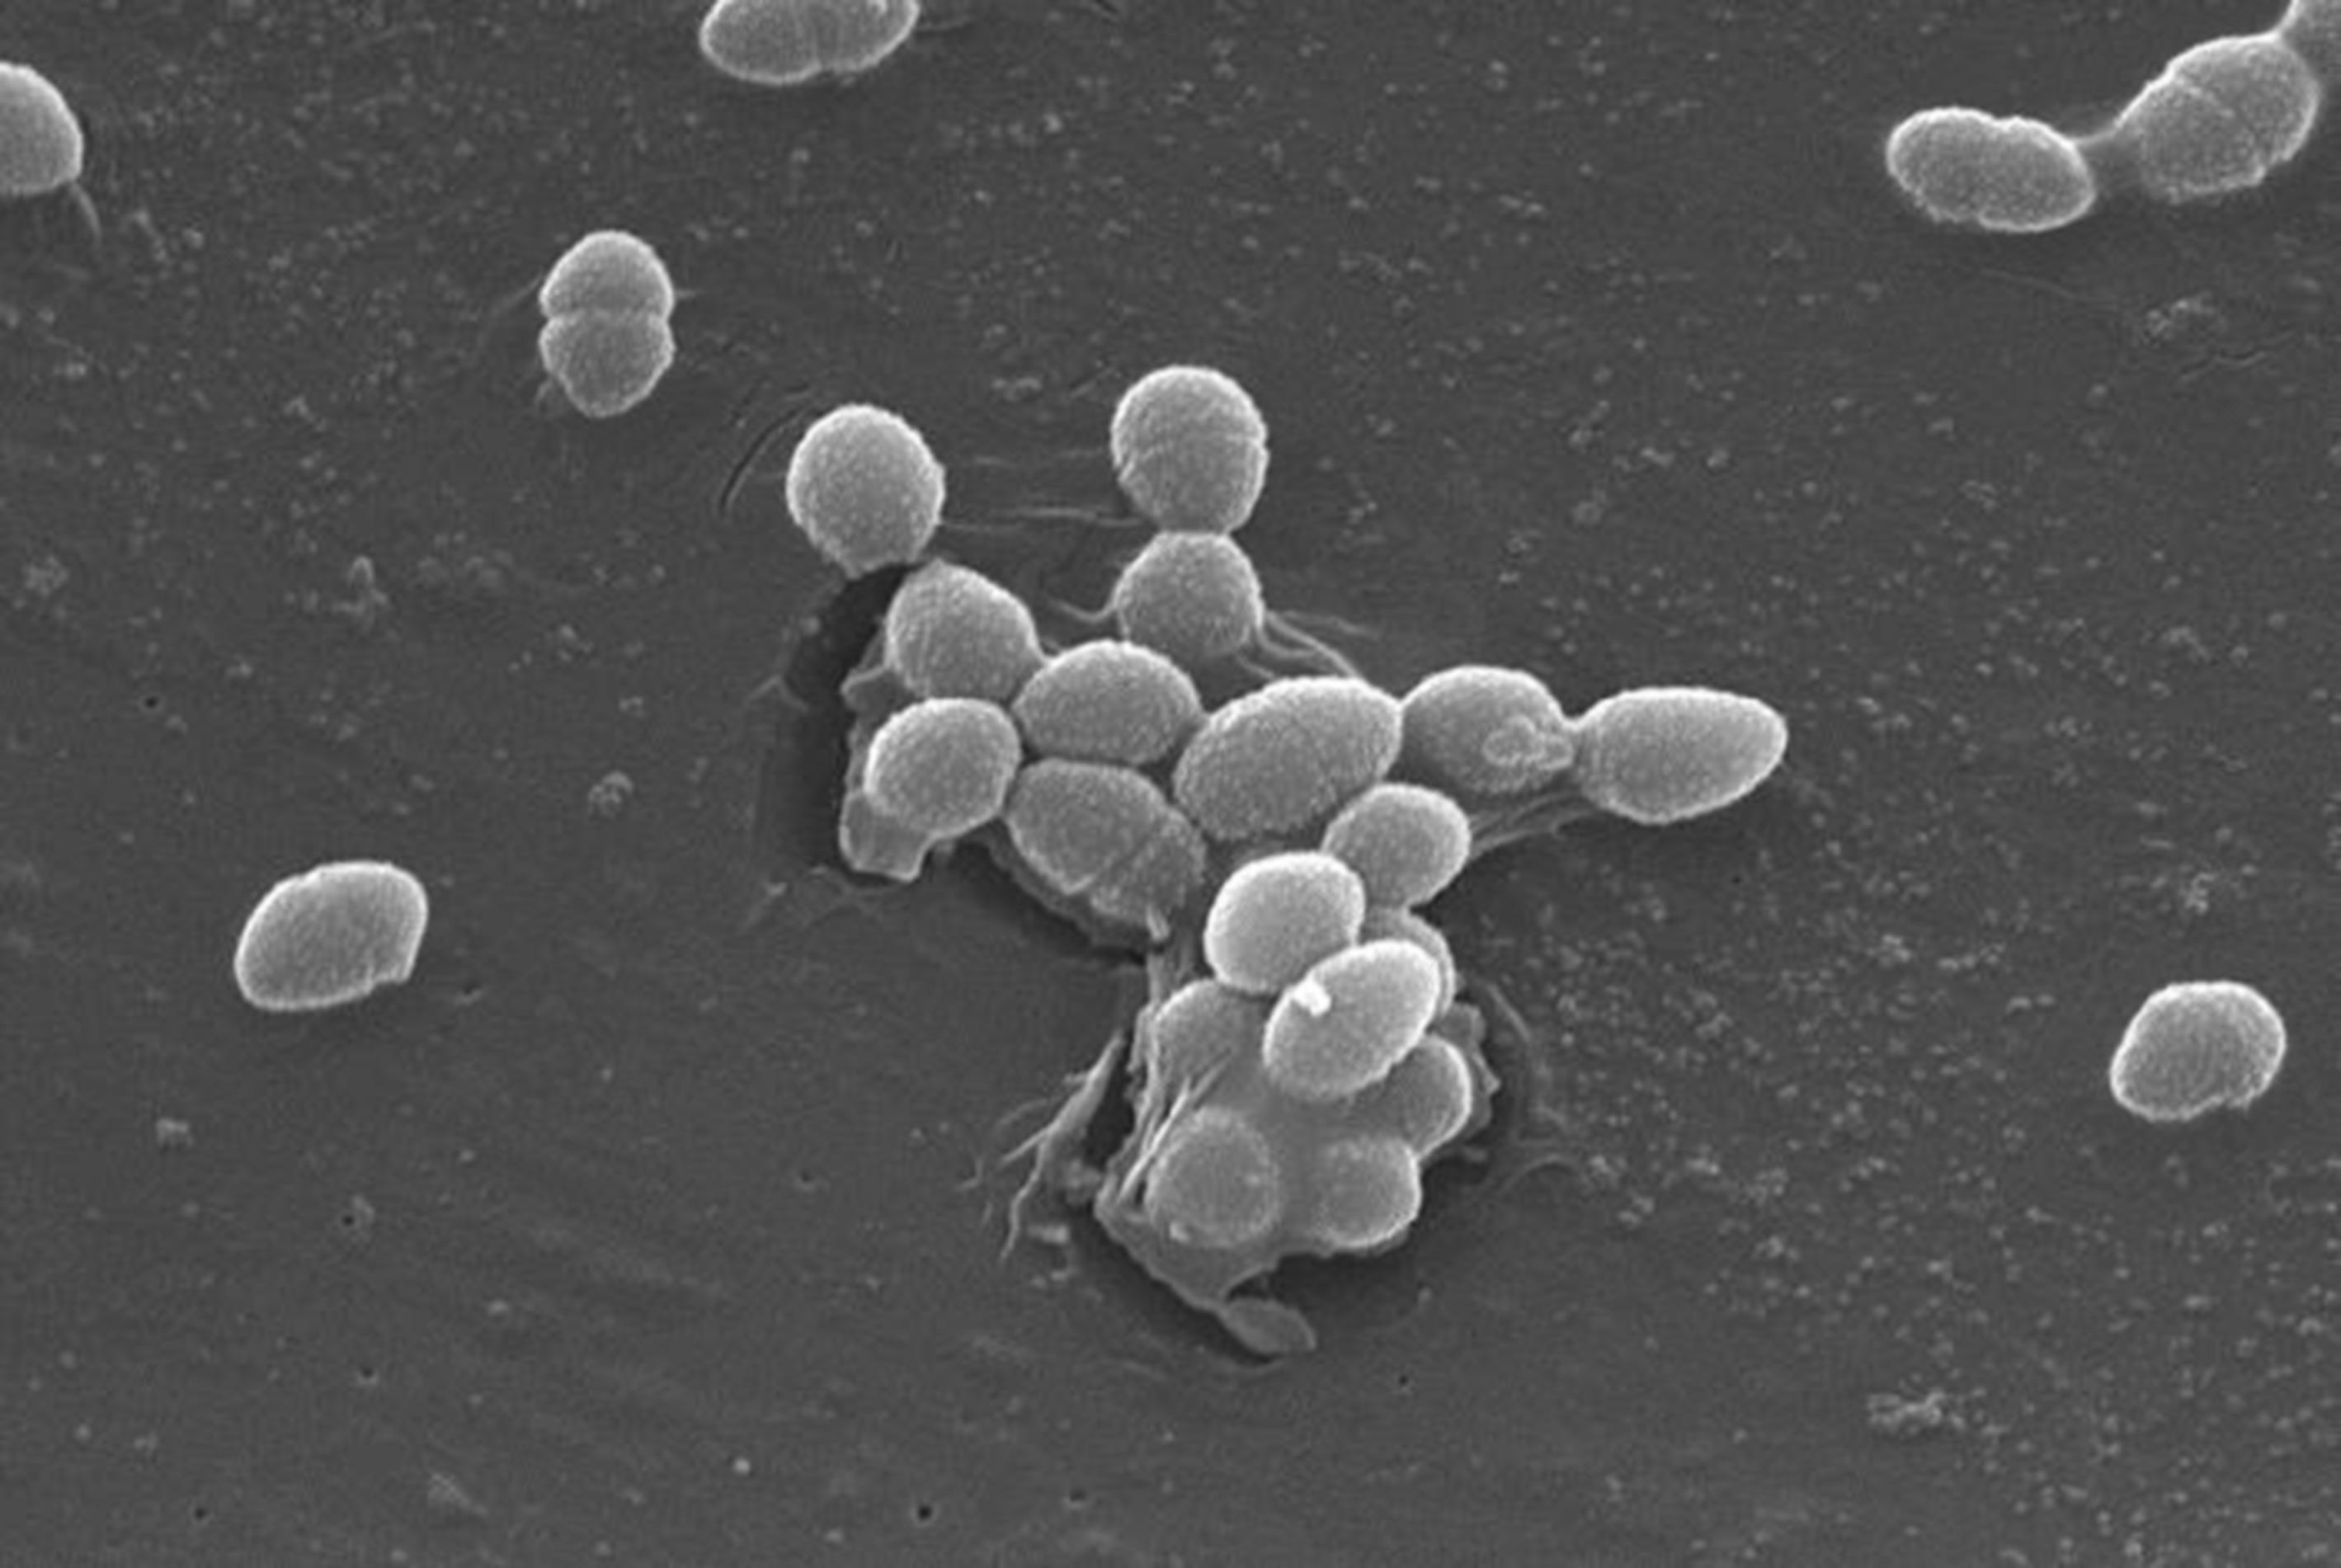 enterococcus faecalis - photo #2